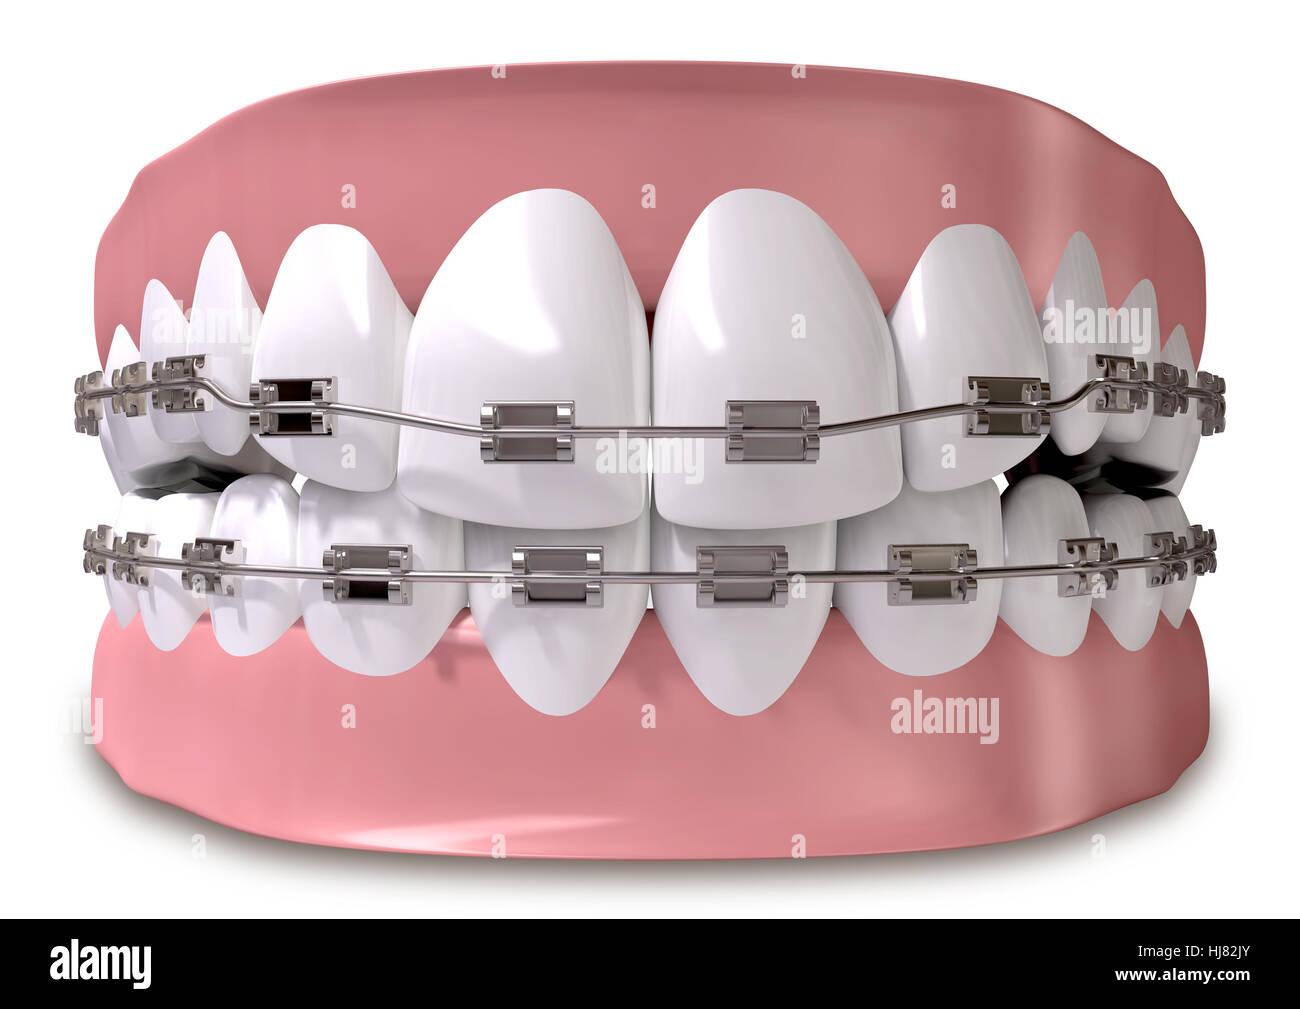 Den Ist Teeth For Wire - WIRE Center •